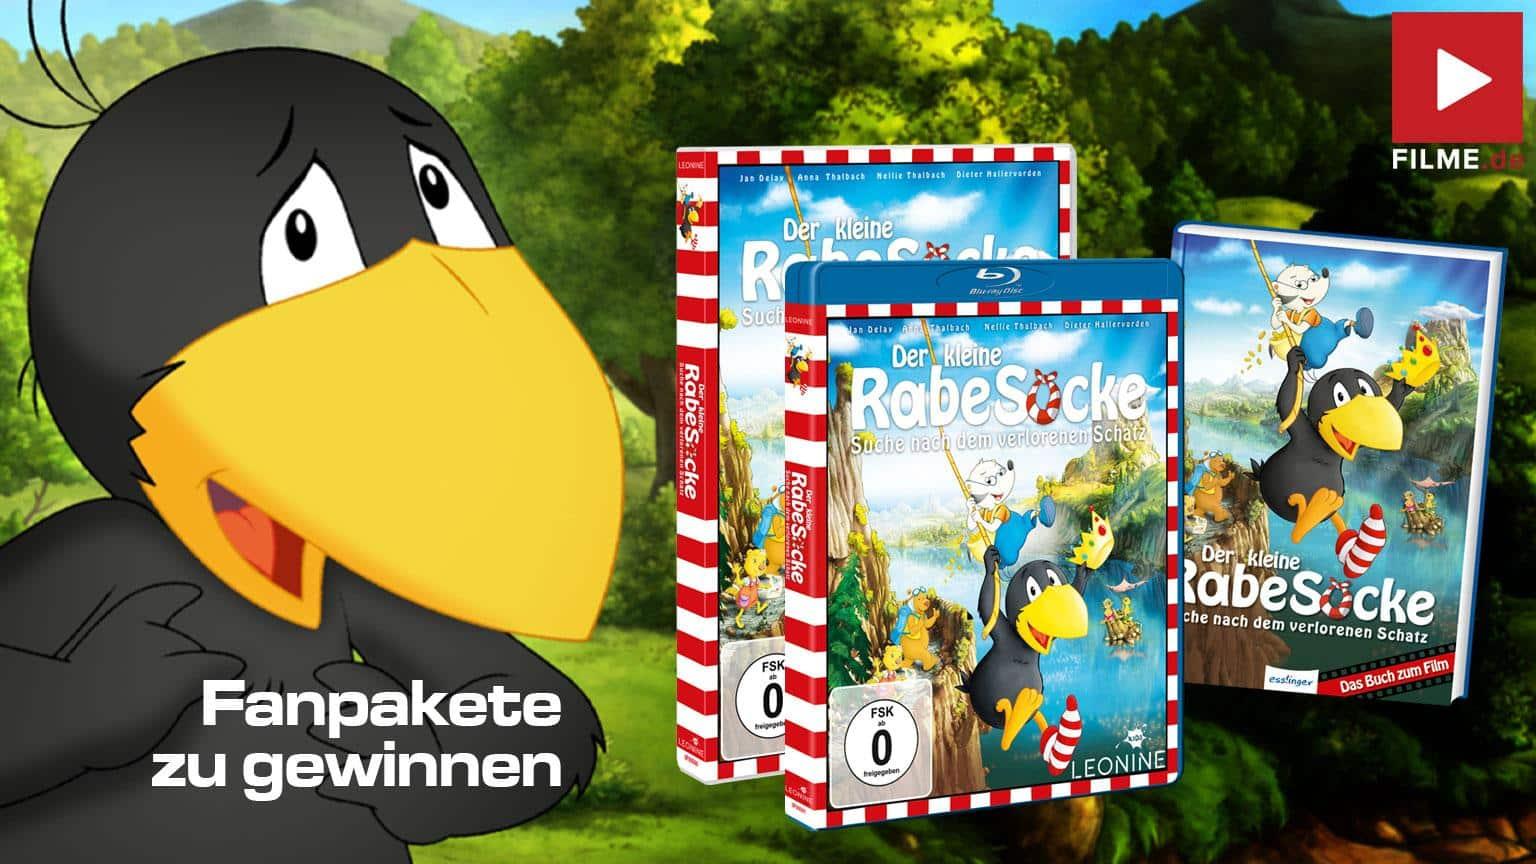 DER KLEINE RABE SOCKE - SUCHE NACH DEM VERLORENEN SCHATZ Gewinnspiel DVD Blu-ray Buch shop kaufen Artikelbild